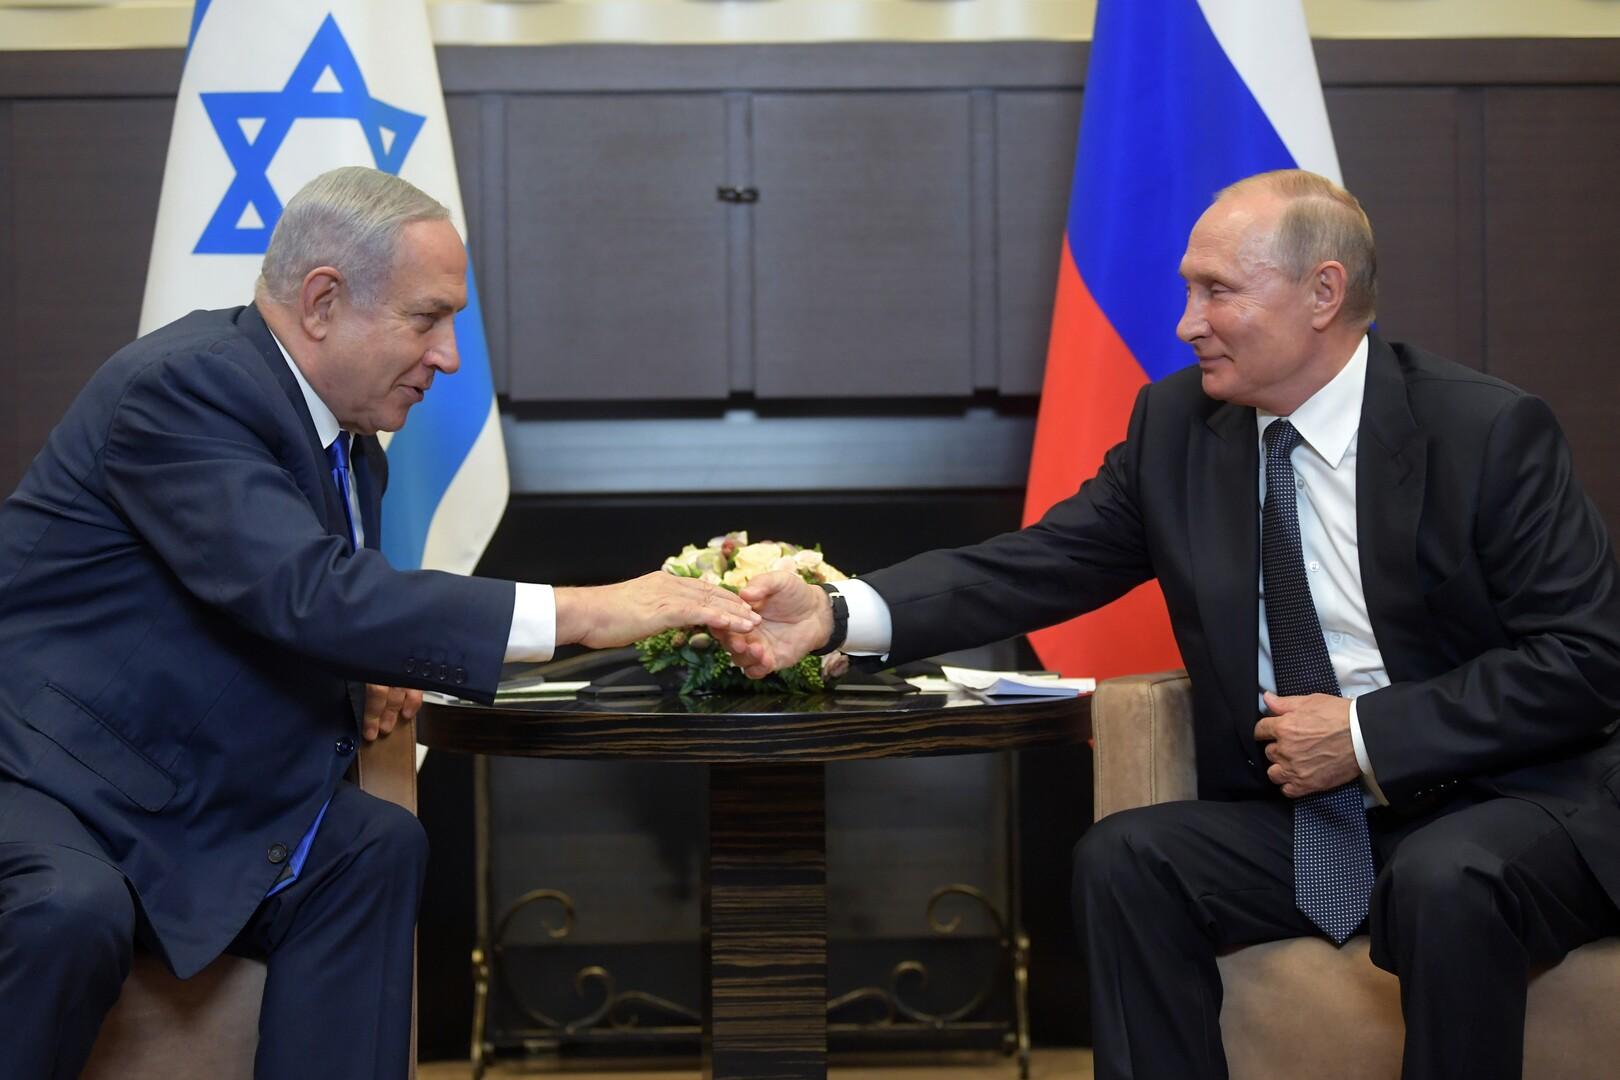 لقاء الرئيس الروسي فلاديمير بوتين ورئيس الوزراء الإسرائيلي بنيامين نتنياهو في مدينة سوتشي الروسية، 12 سبتمبر 2019